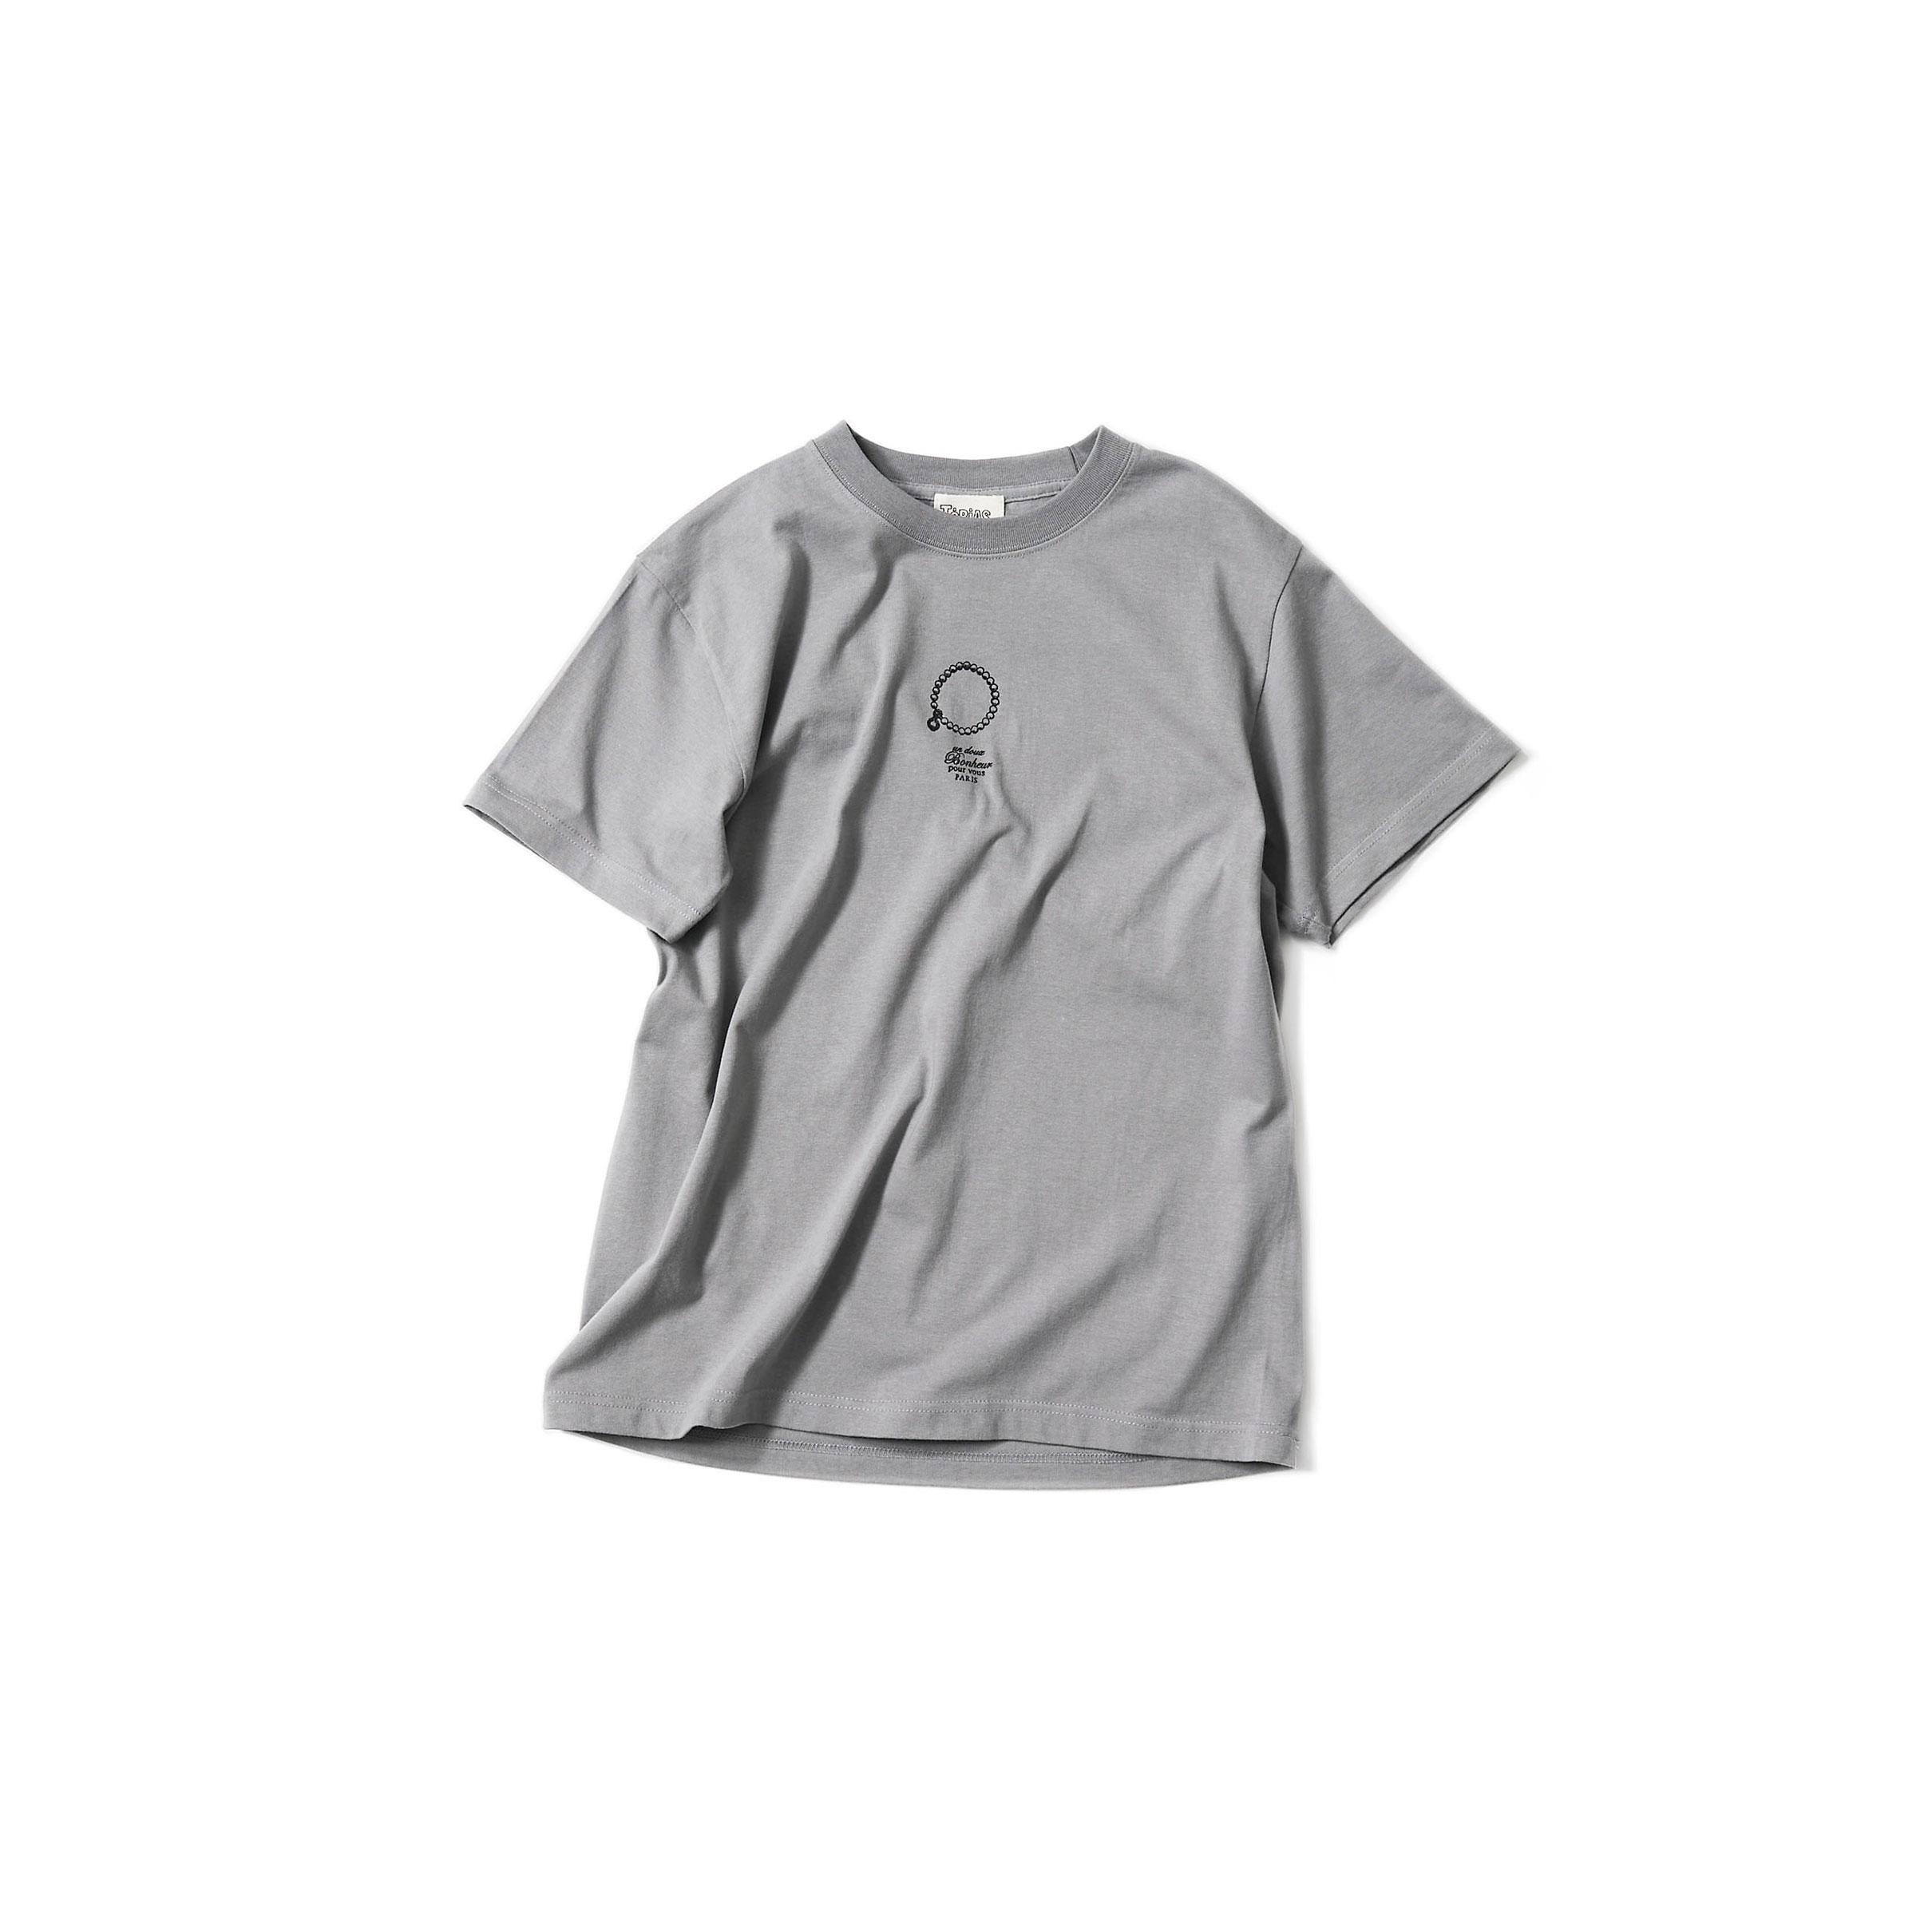 もう1色のパールTシャツ